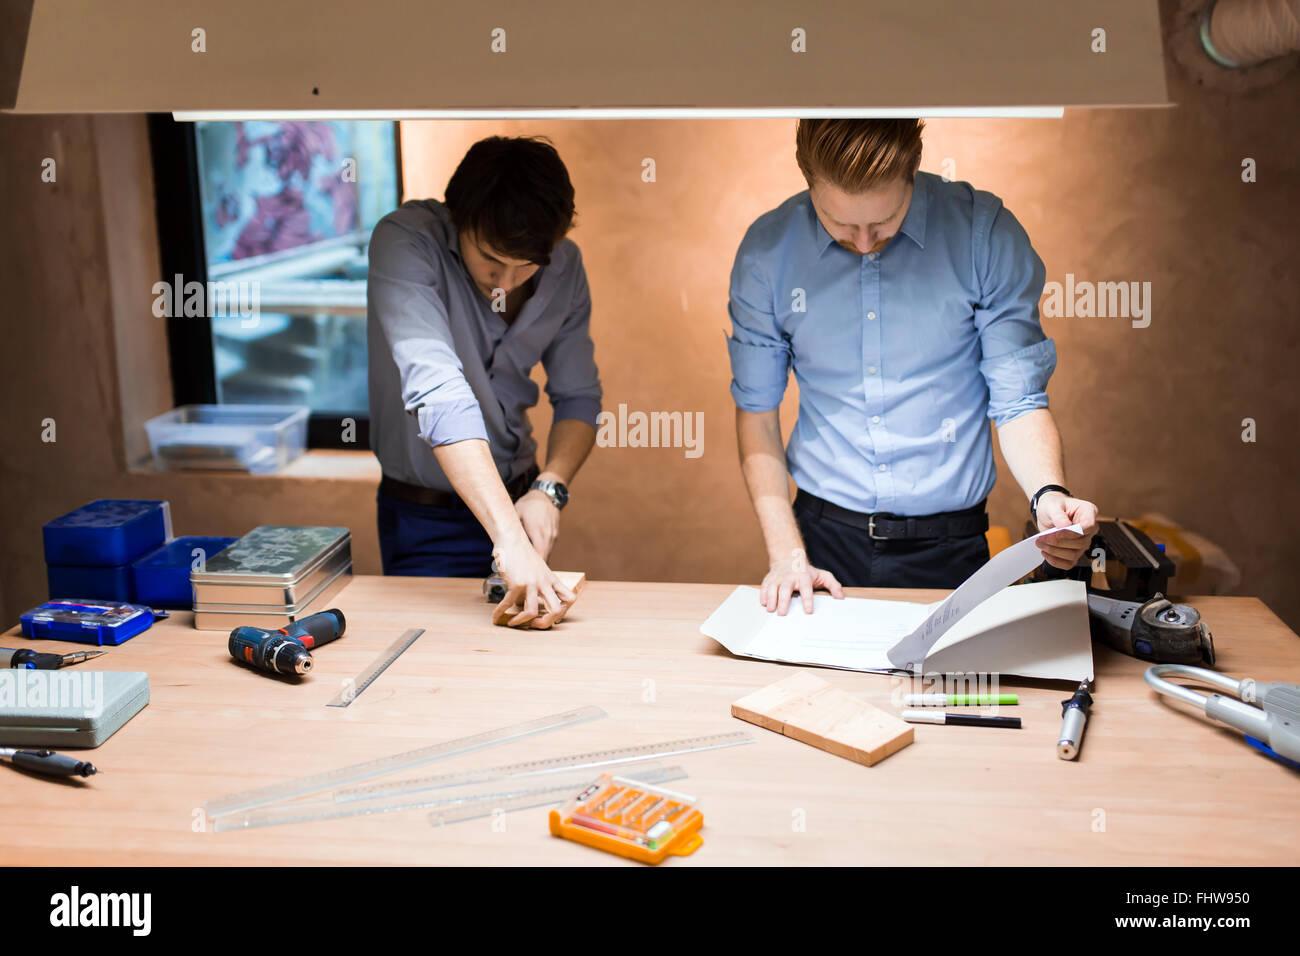 Zwei kreative Designer arbeiten in Werkstatt und individuelle Möbel Stockbild